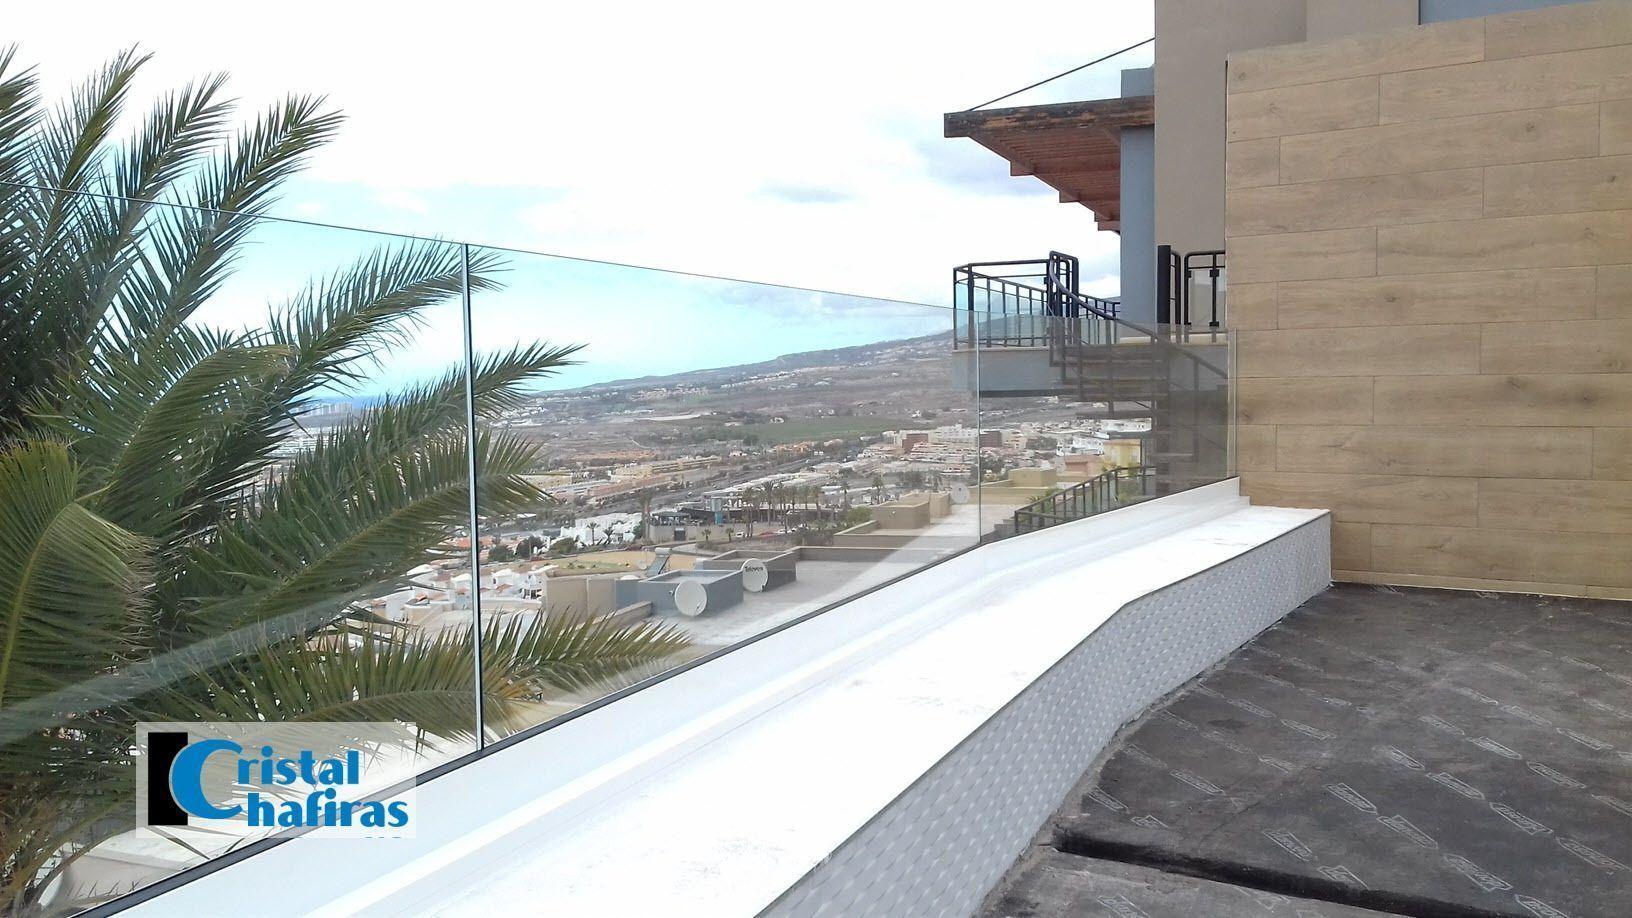 Barandilla de cristal en Tenerife